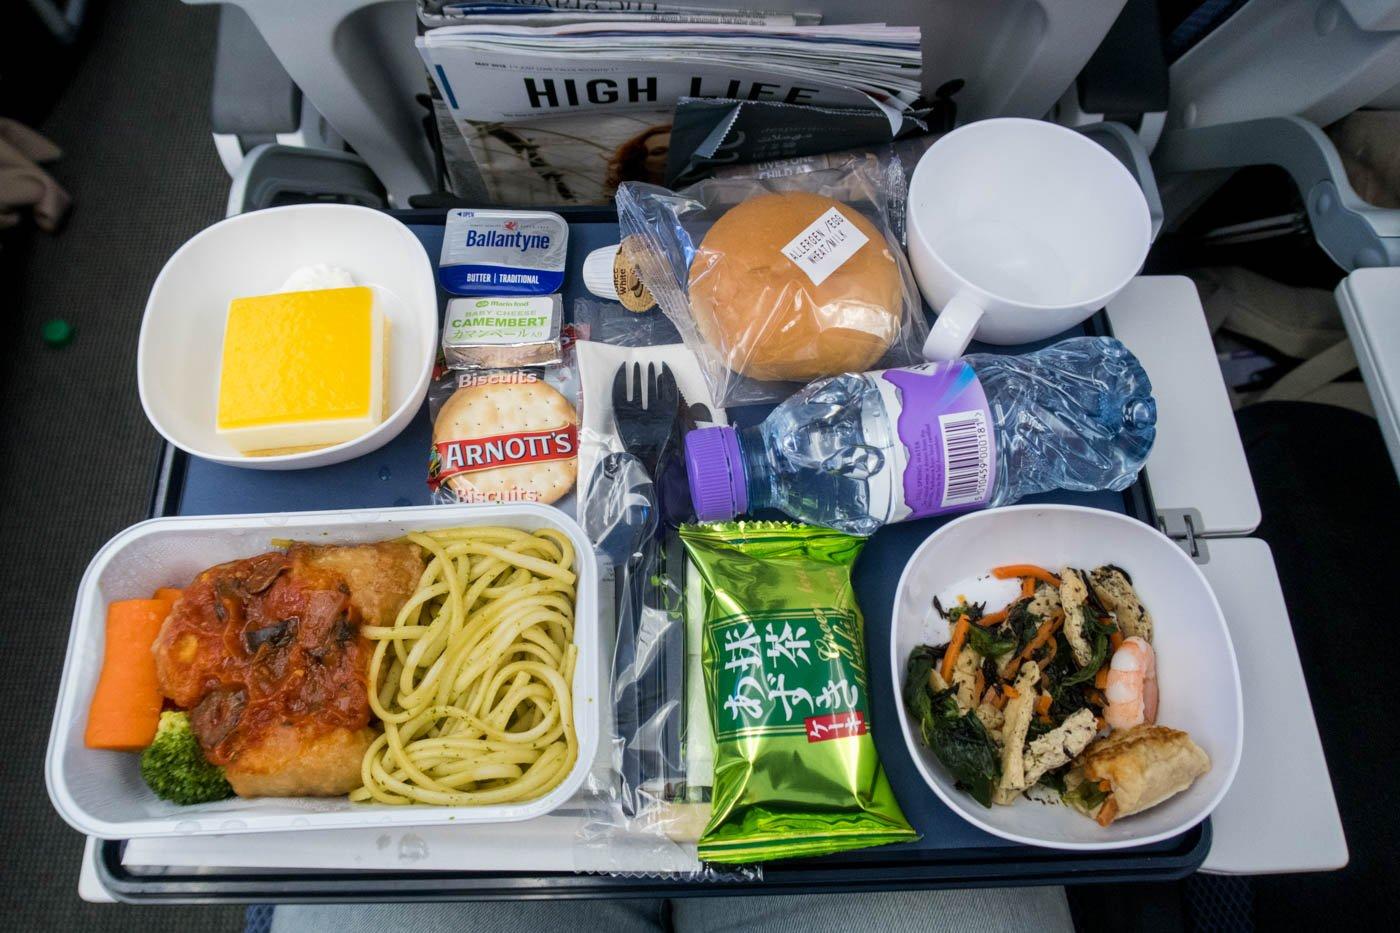 British Airways Long-haul Lunch